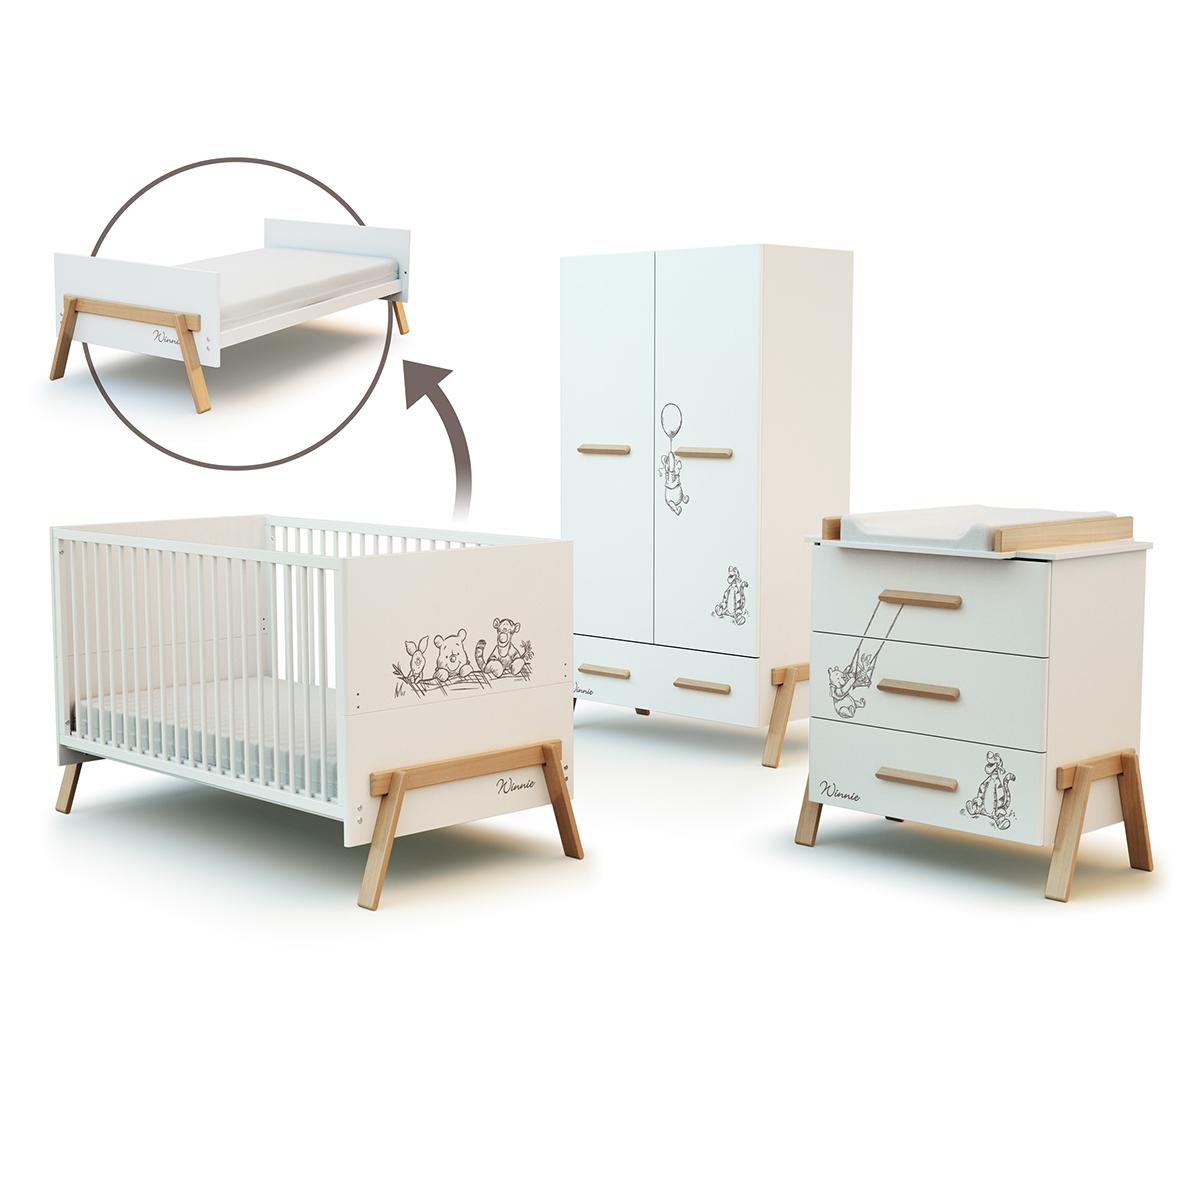 Chambre complète lit évolutif 70x140 commode à langer 3 tiroirs et armoire AT4 Winnie Disney - Blanc et hêtre